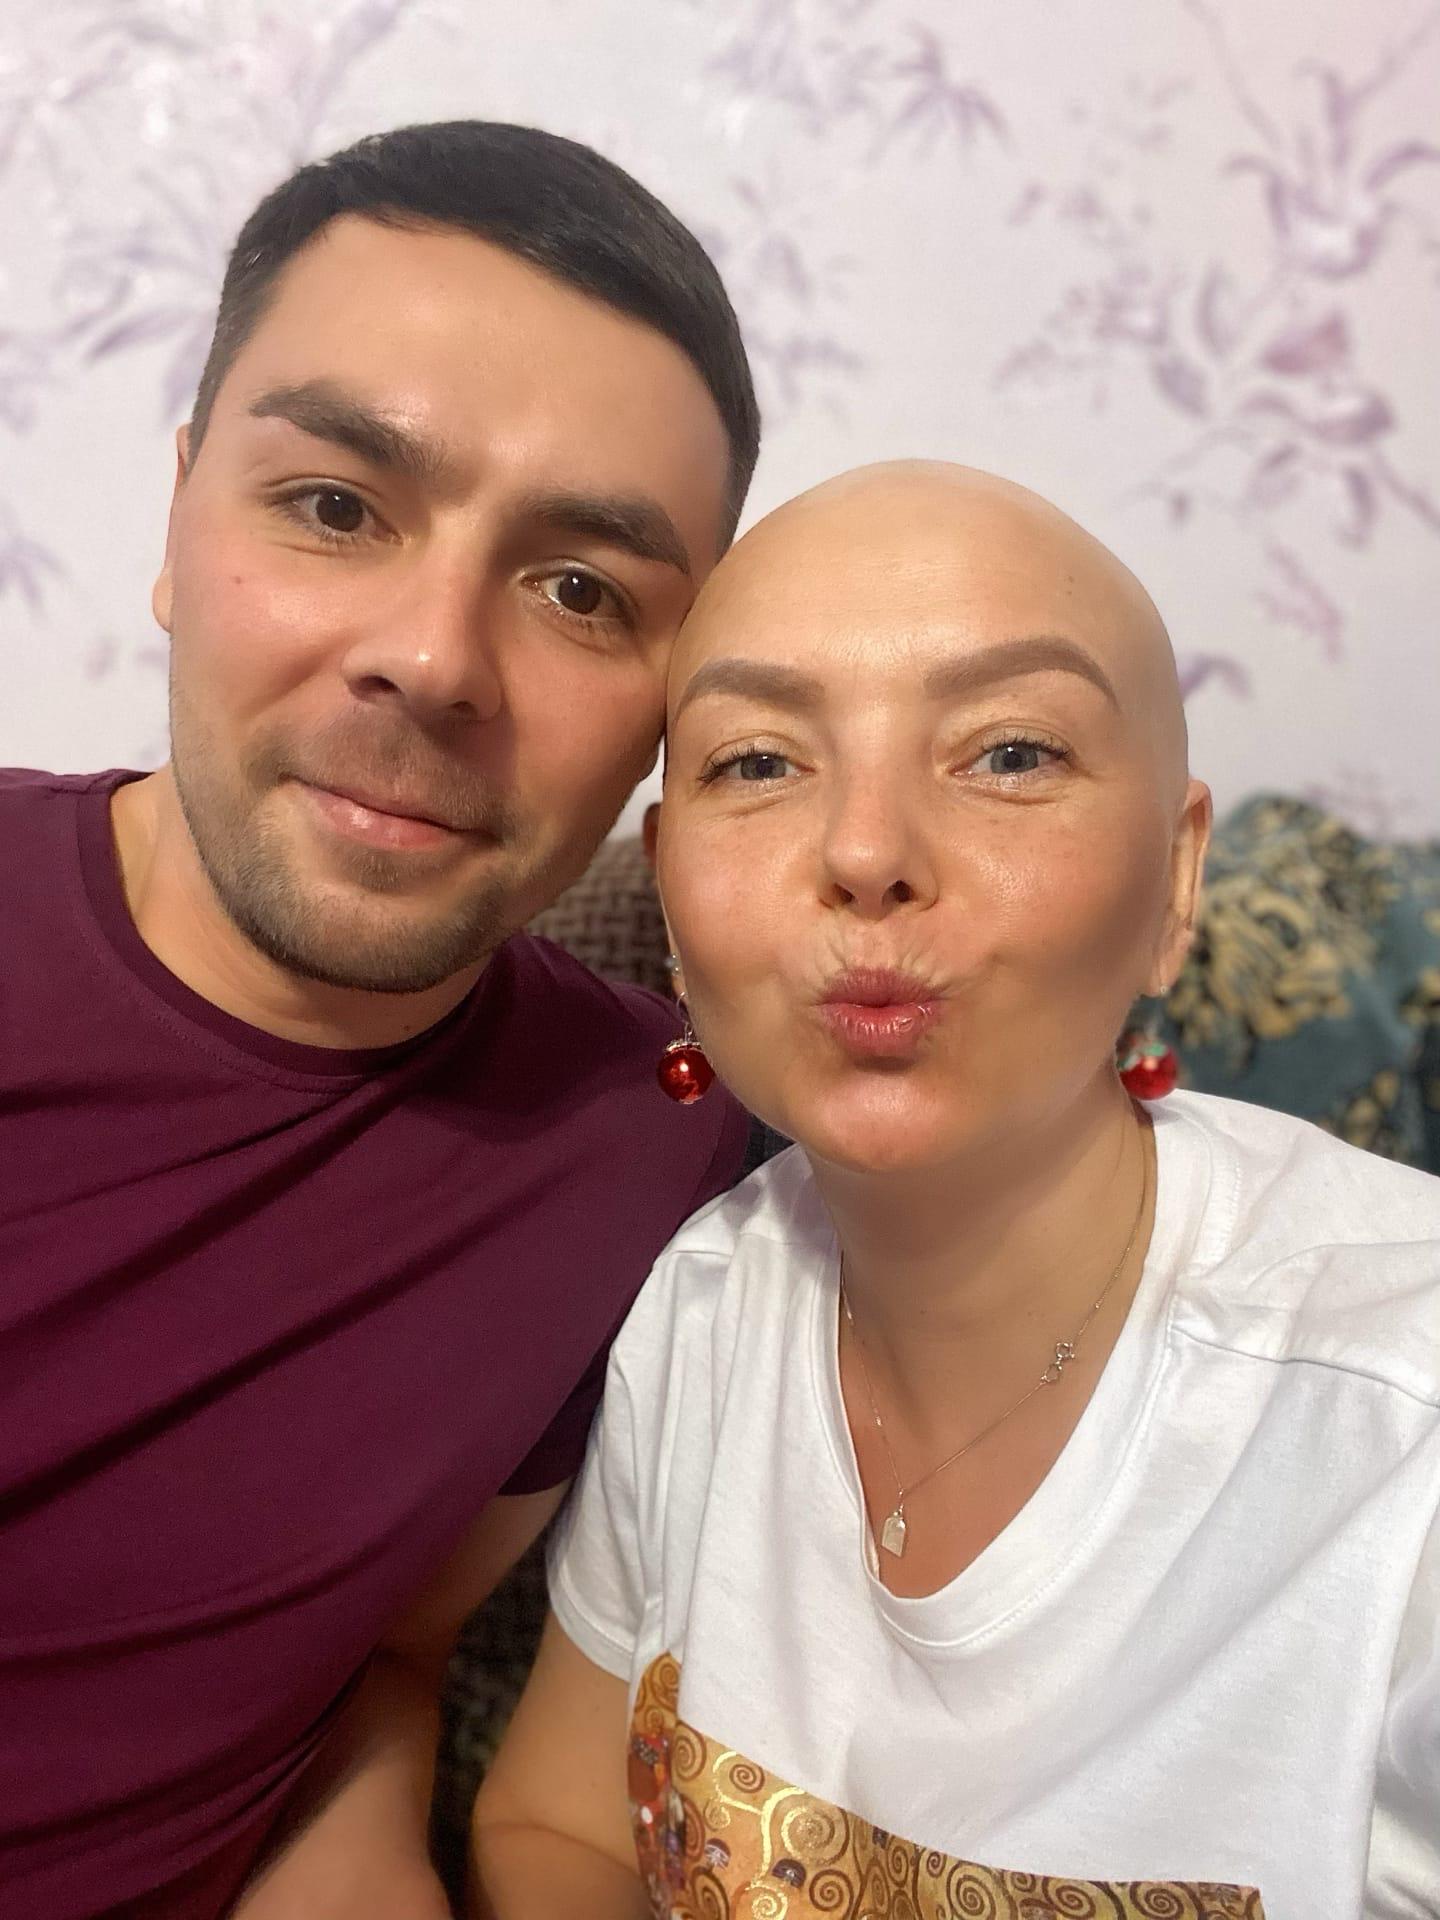 Муж навещает Ксению в Тюмени. Из Екатеринбурга не может уехать из-за работы: семье нужны деньги на лечение